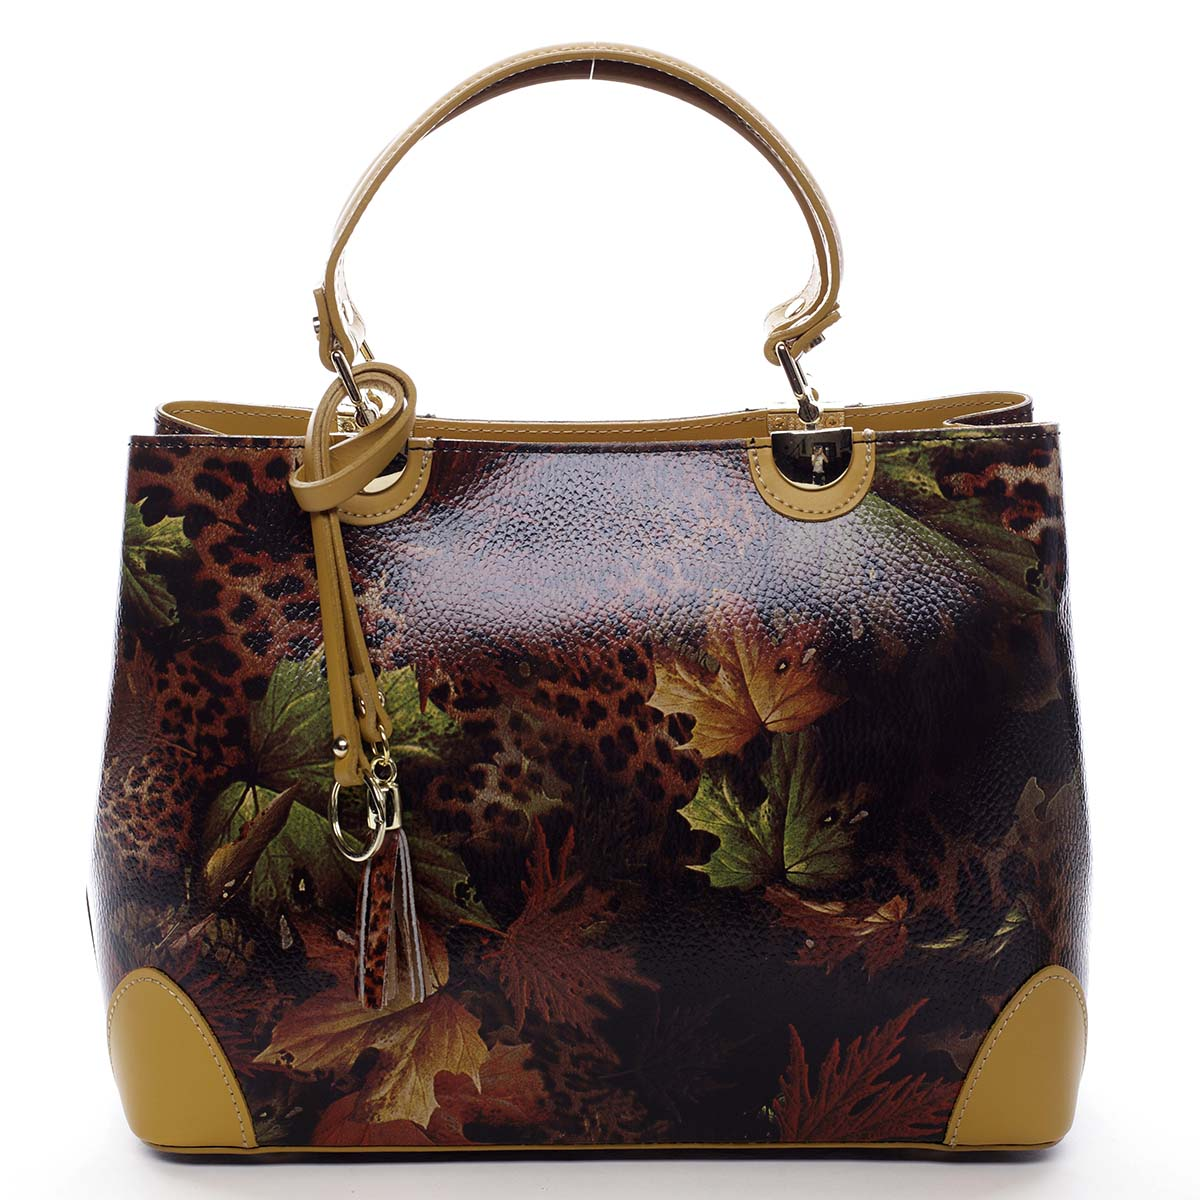 Originální dámská kožená kabelka podzimní žlutá - ItalY Mattie